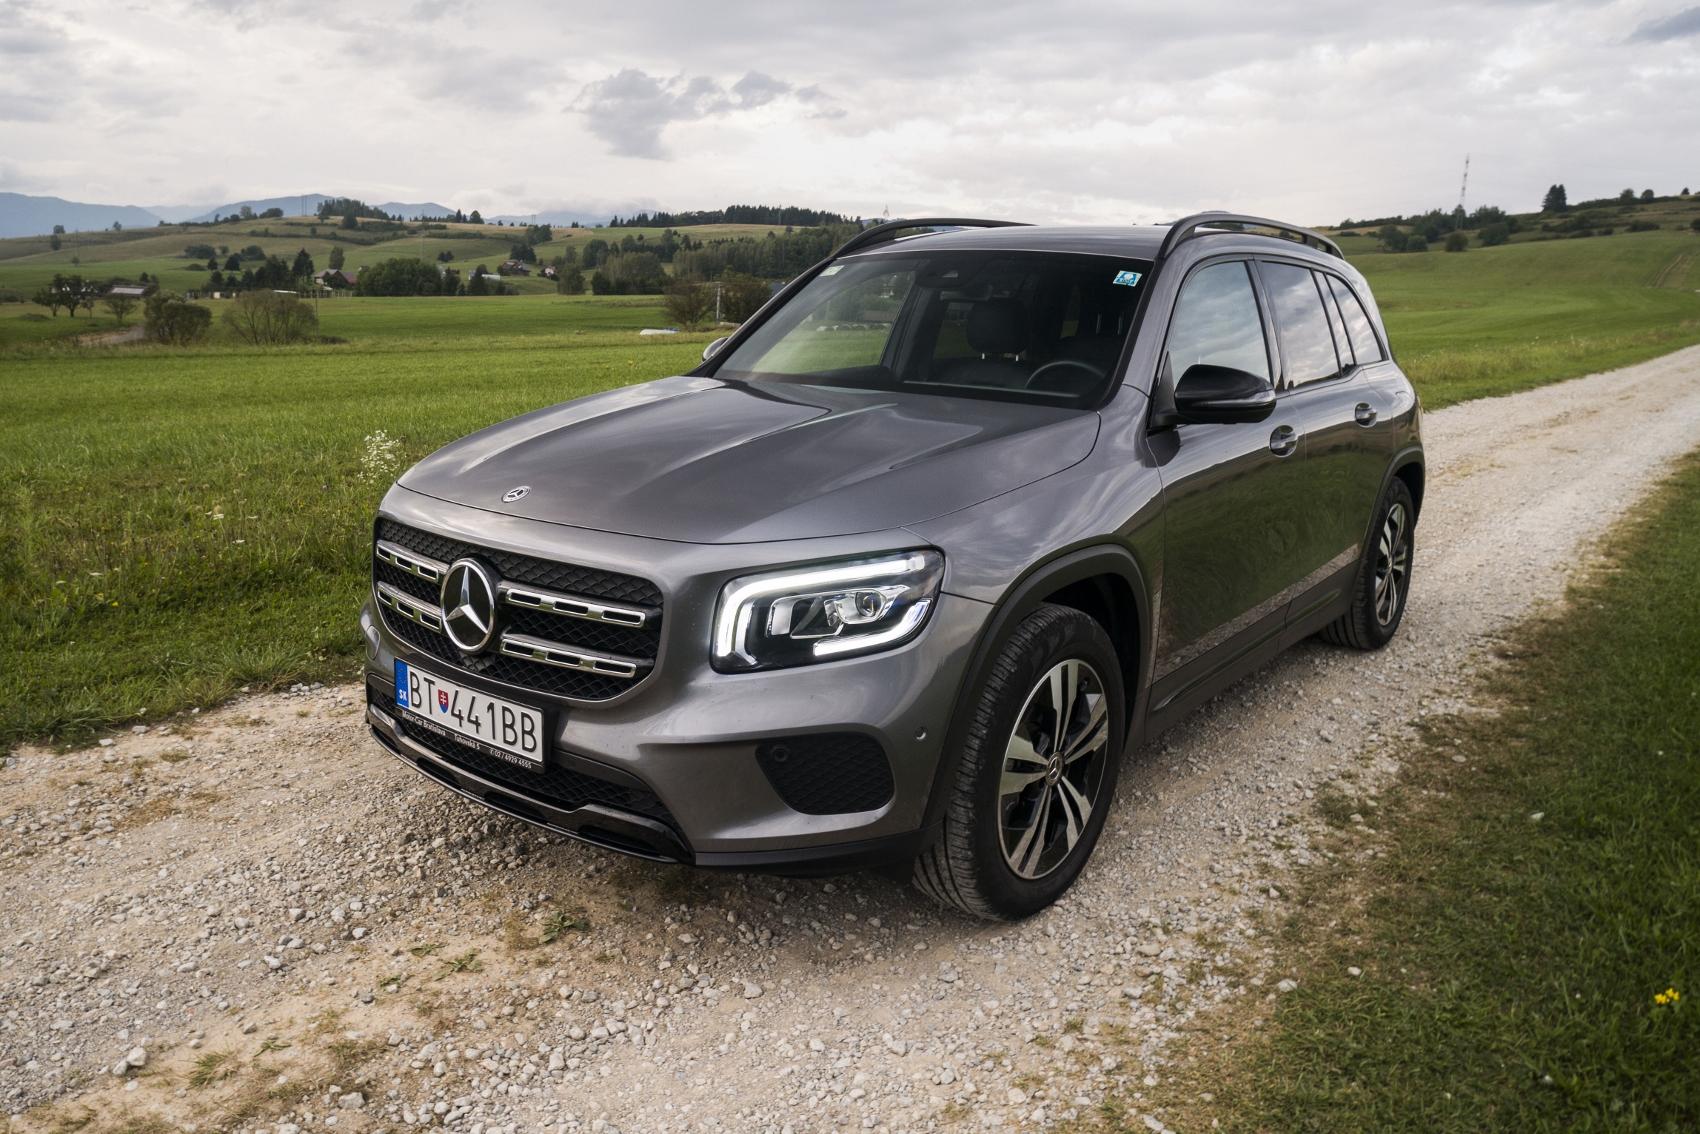 Test: Mercedes GLB 200 ponúka veľký priestor v malom balení YRPJ1A4s5U mercedes-glb-14-1700x1134